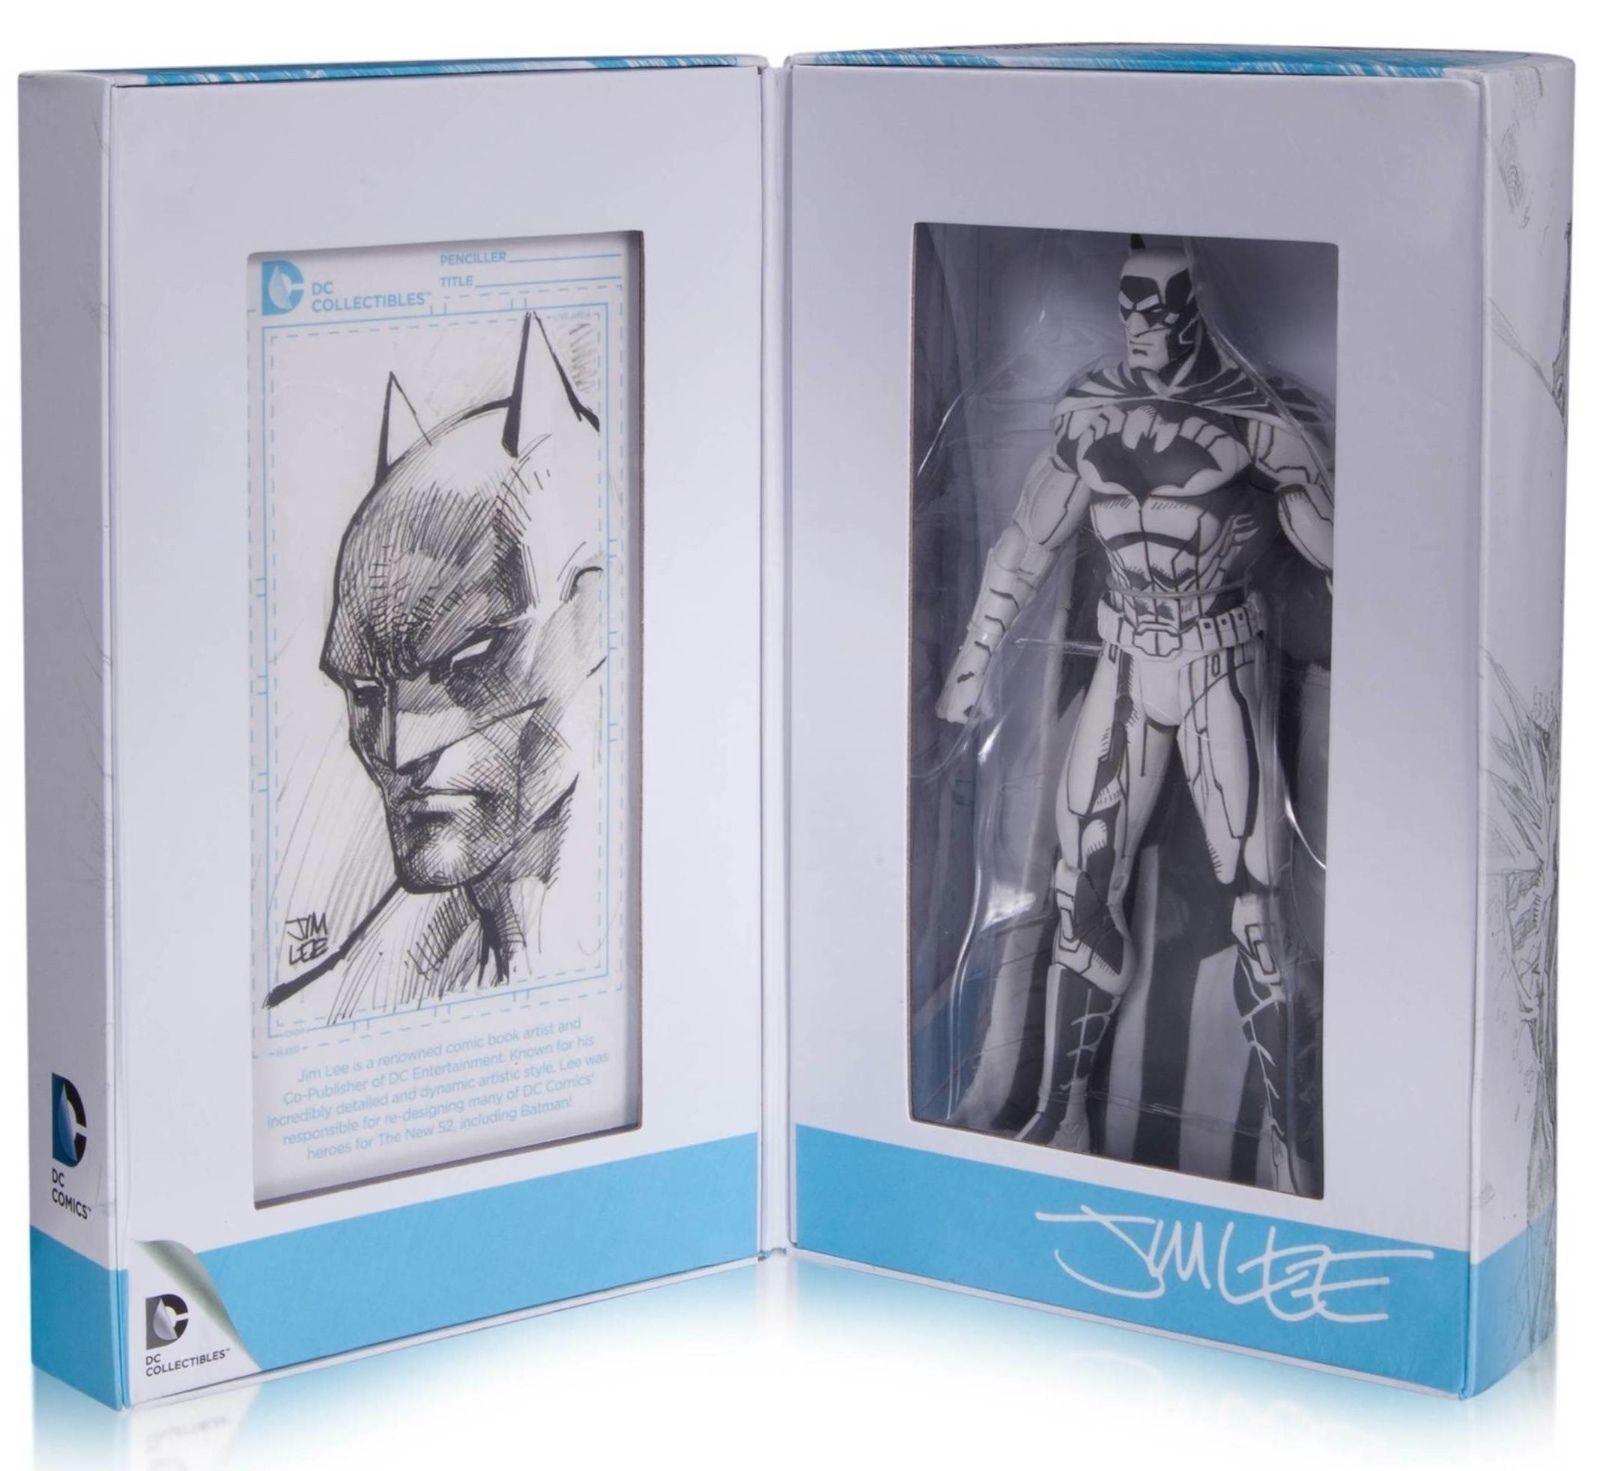 DC Diamond Exclusive SDCC 2015 Jim Lee Batman Blauline Sketch Action Figure MIB